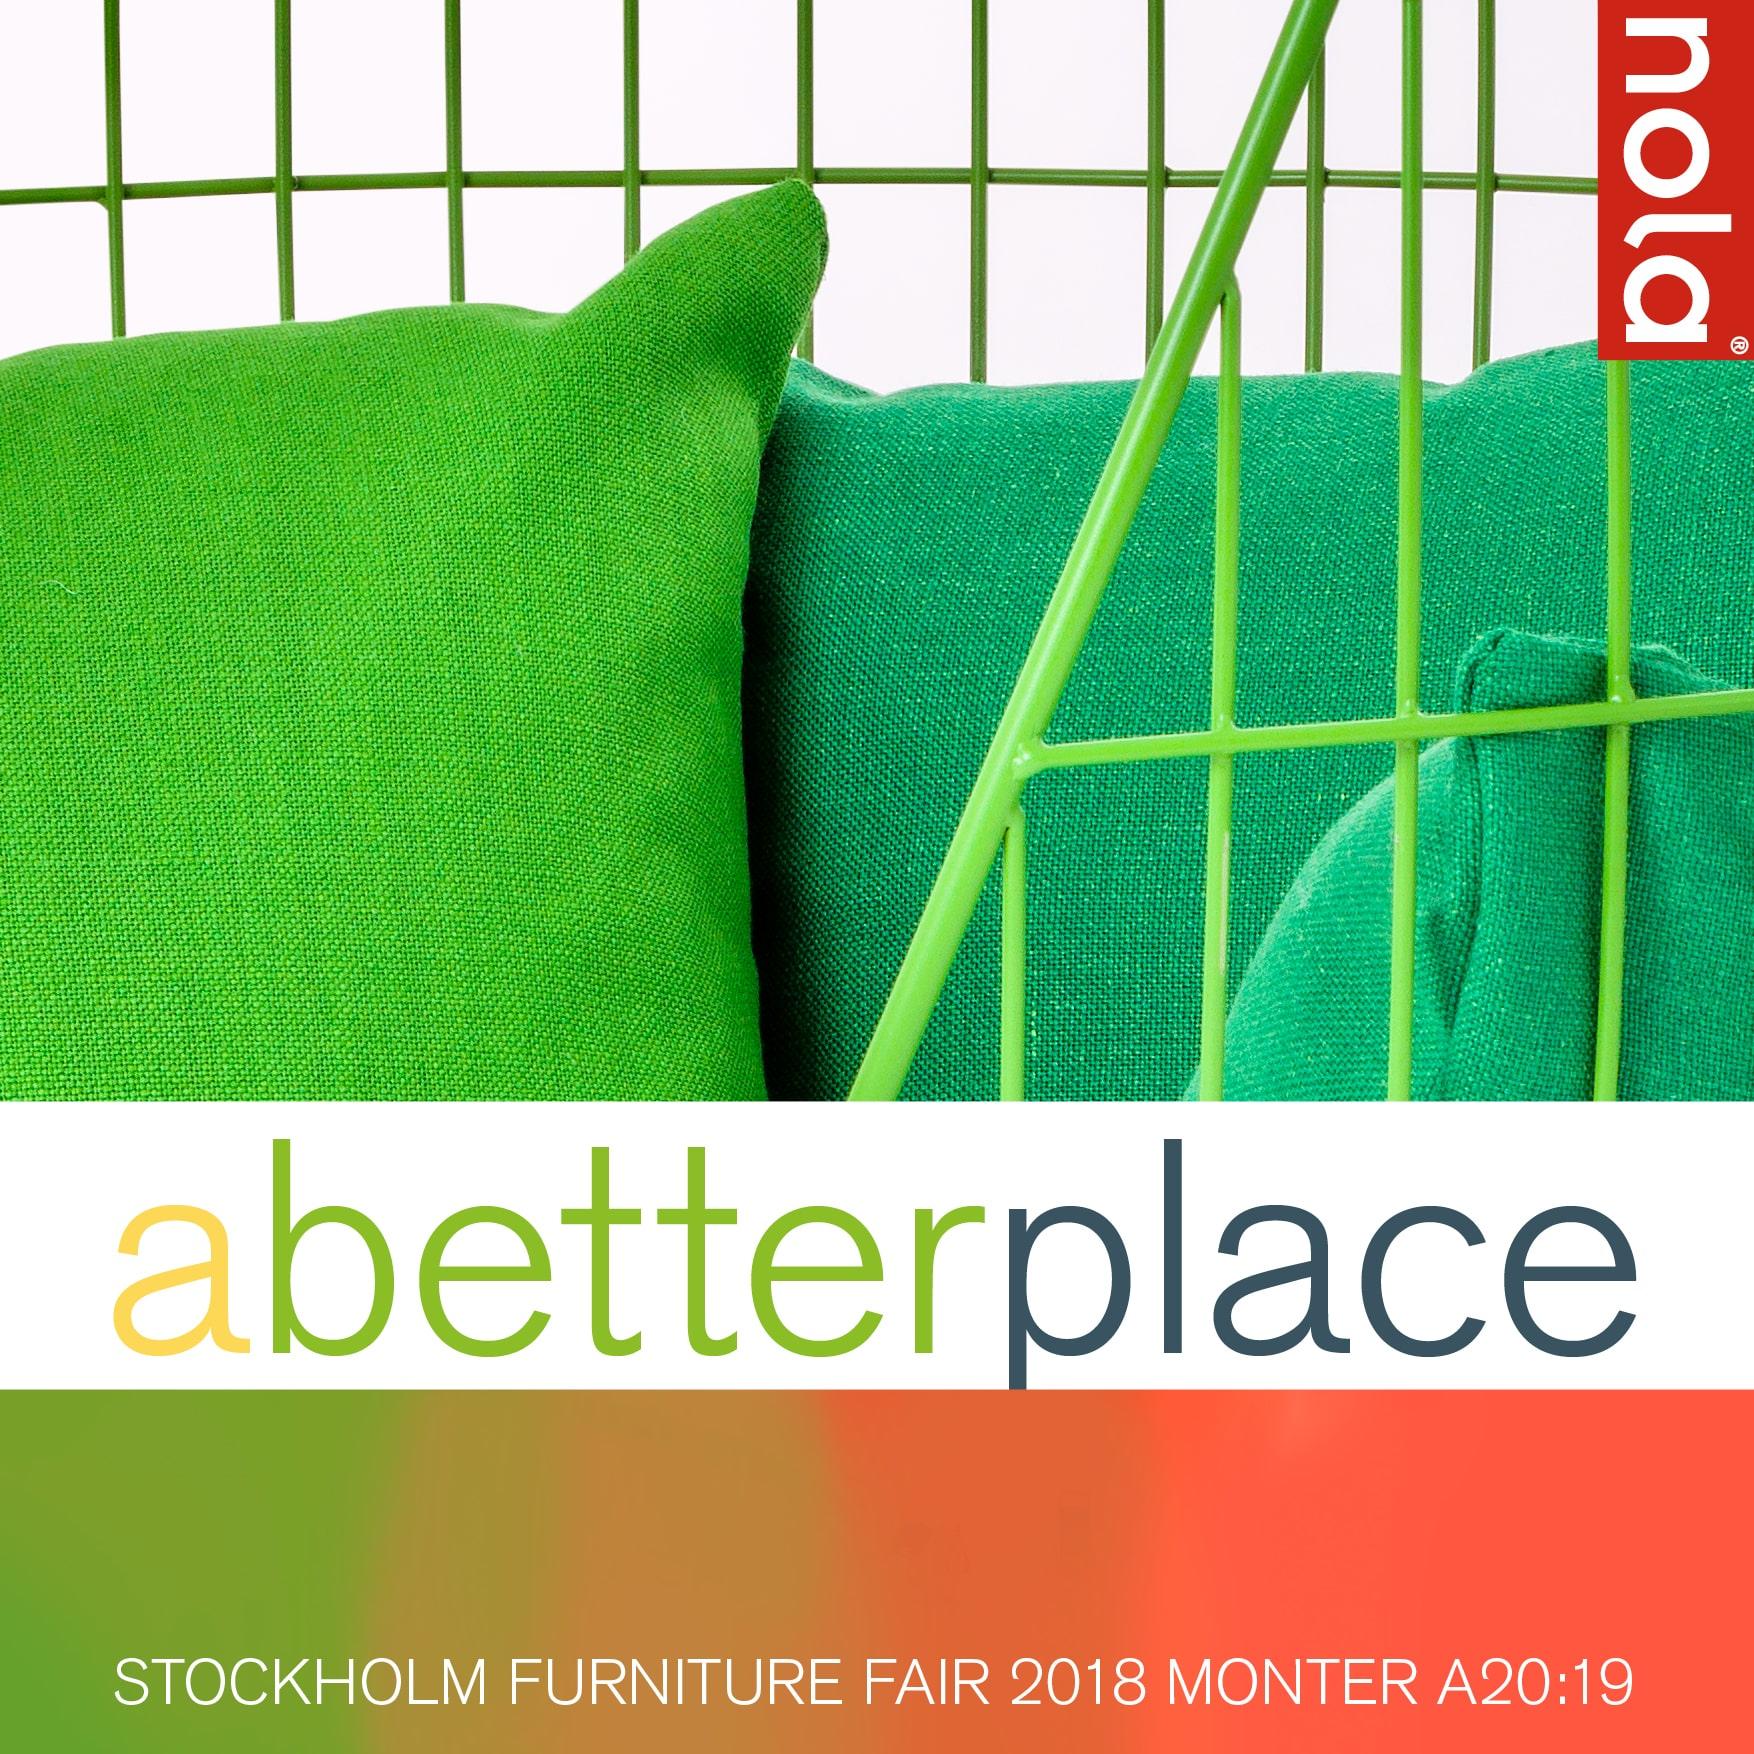 A Better Place Nola Stockholm Furniture Fair 2018 Scandinavian Design